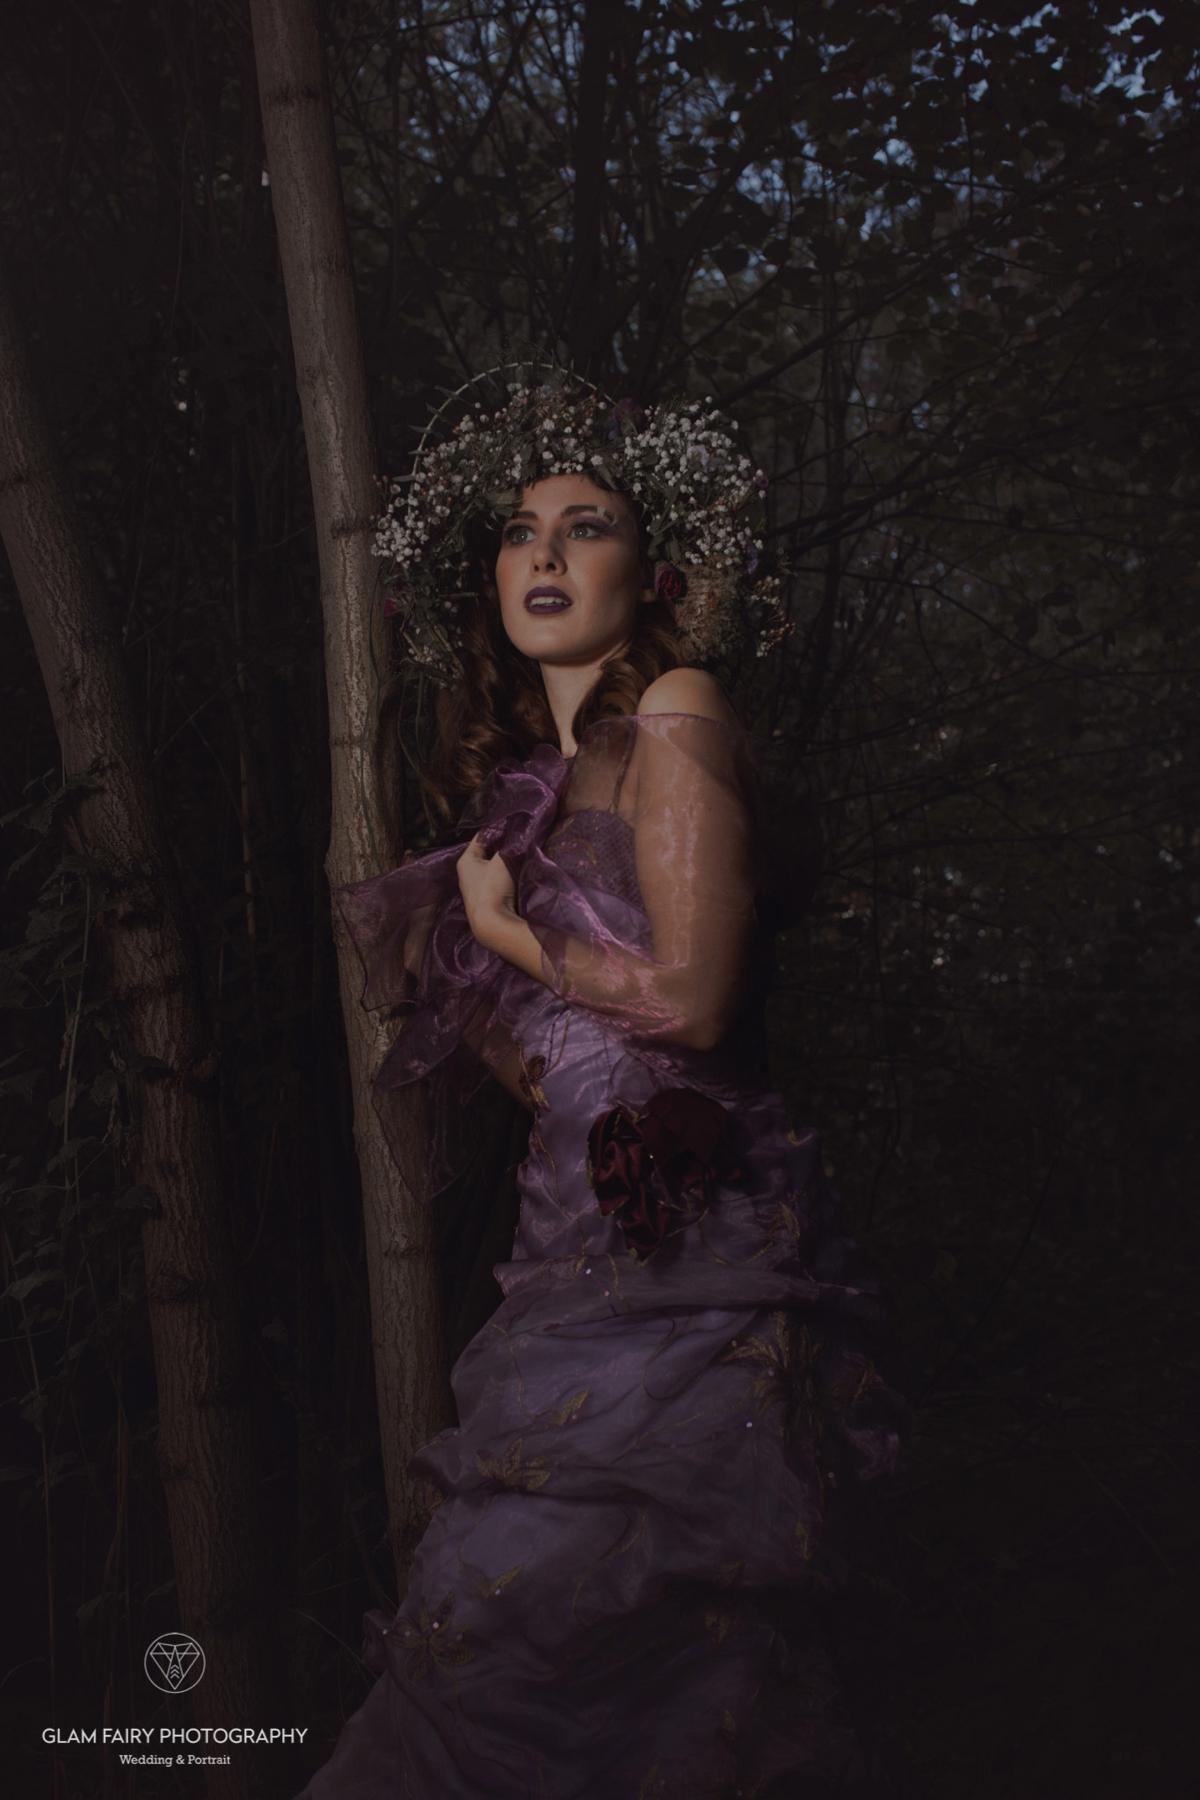 glamfairyphotography-seance-portrait-creatif-madeleine_0009